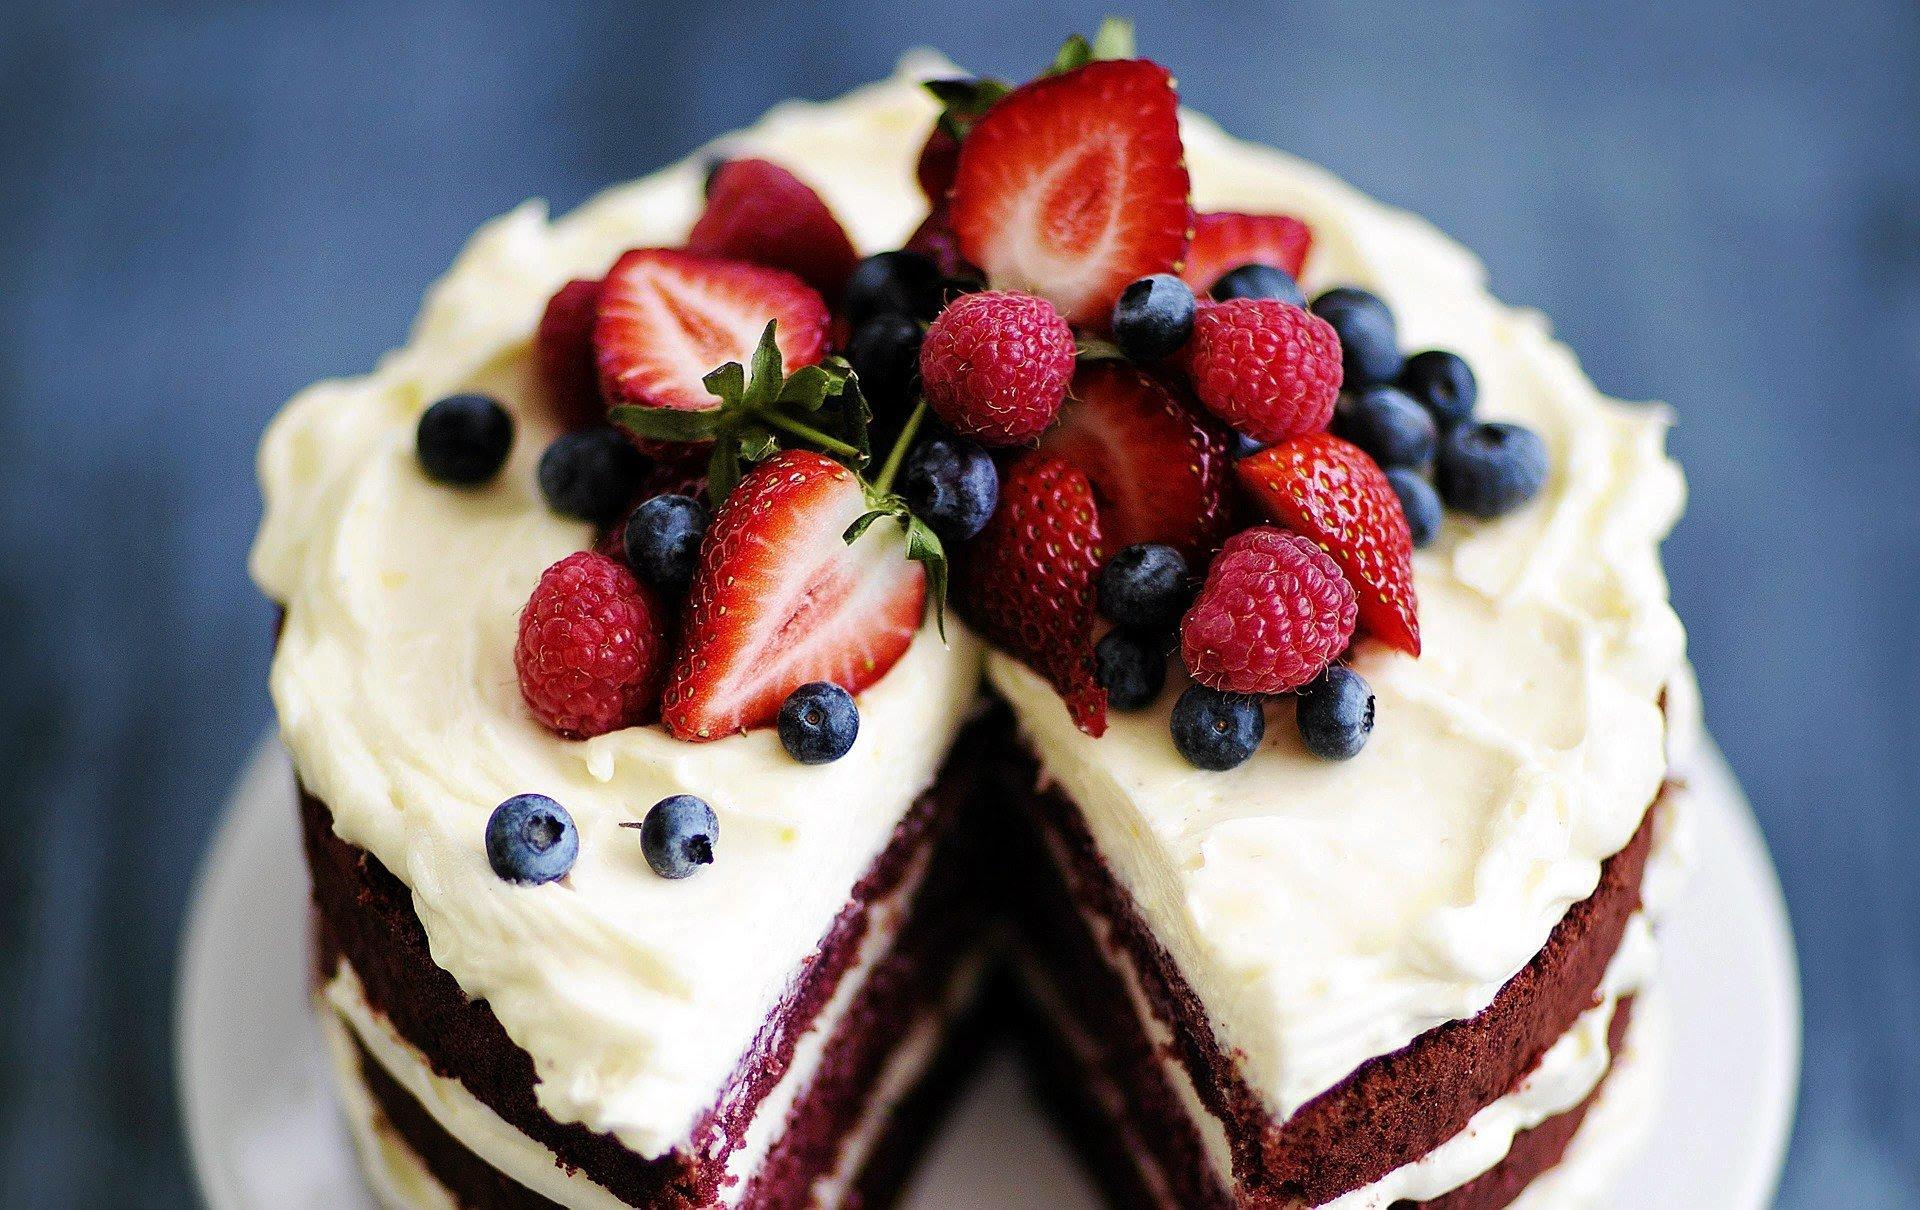 услугам гостей фото красивых тортов смотреть это